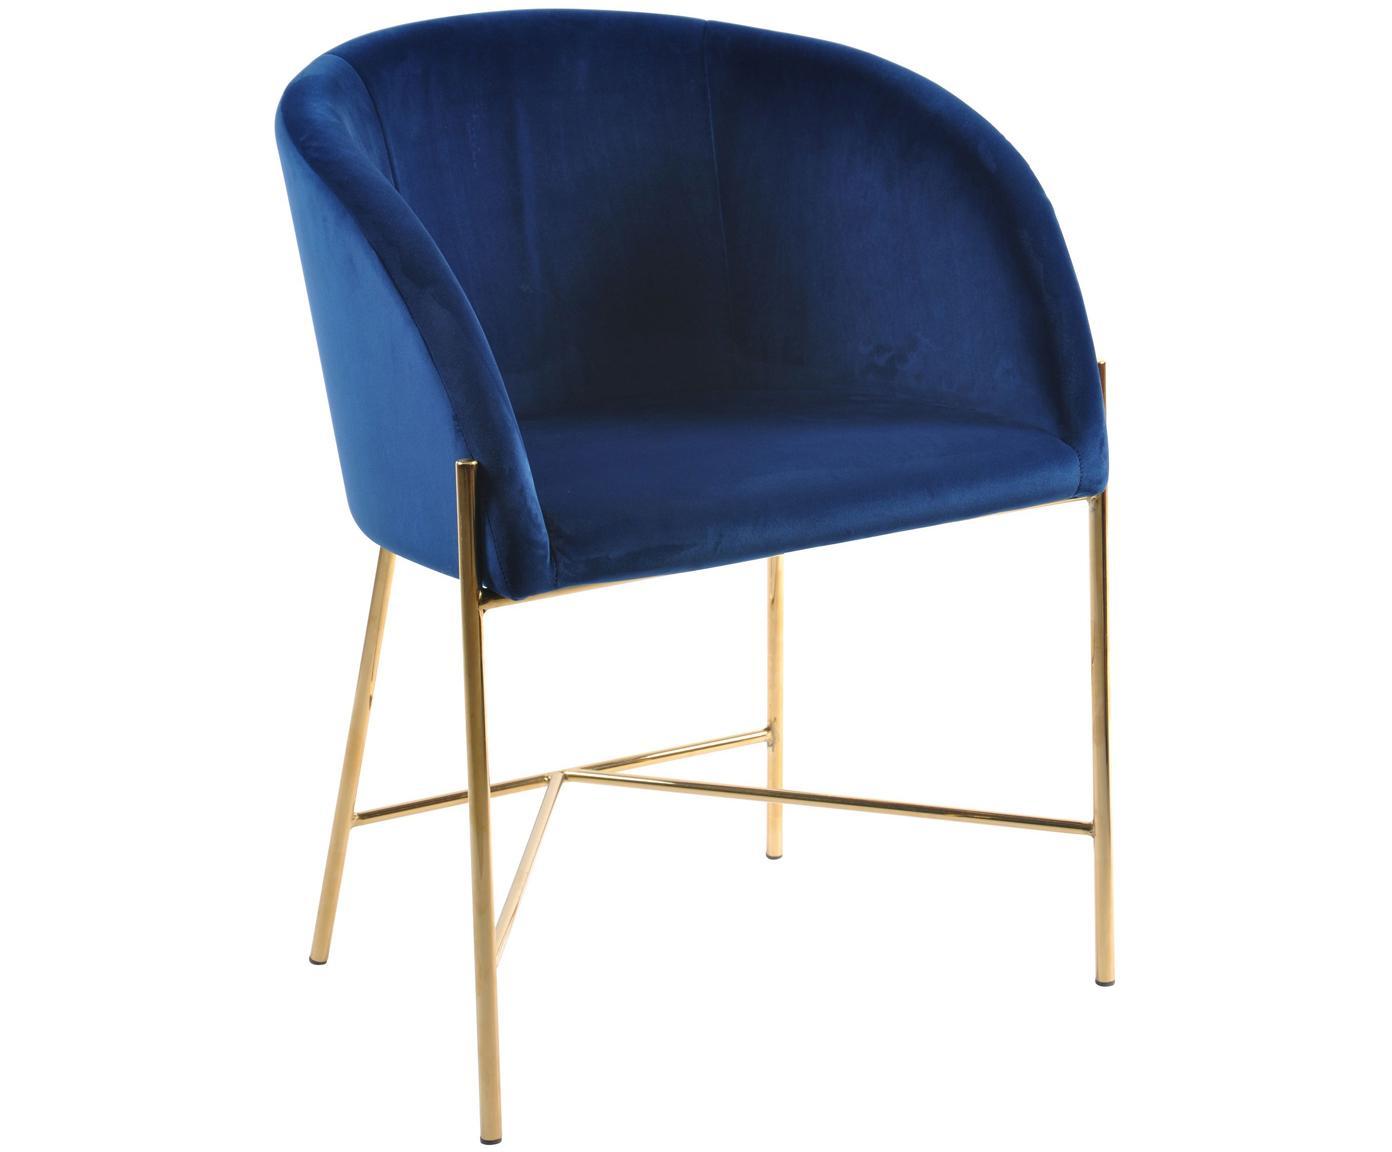 Sedia con braccioli in velluto Nelson, Rivestimento: velluto di poliestere 25., Gambe: metallo ottonato, Blu scuro, ottone, Larg. 56 x Prof. 55 cm